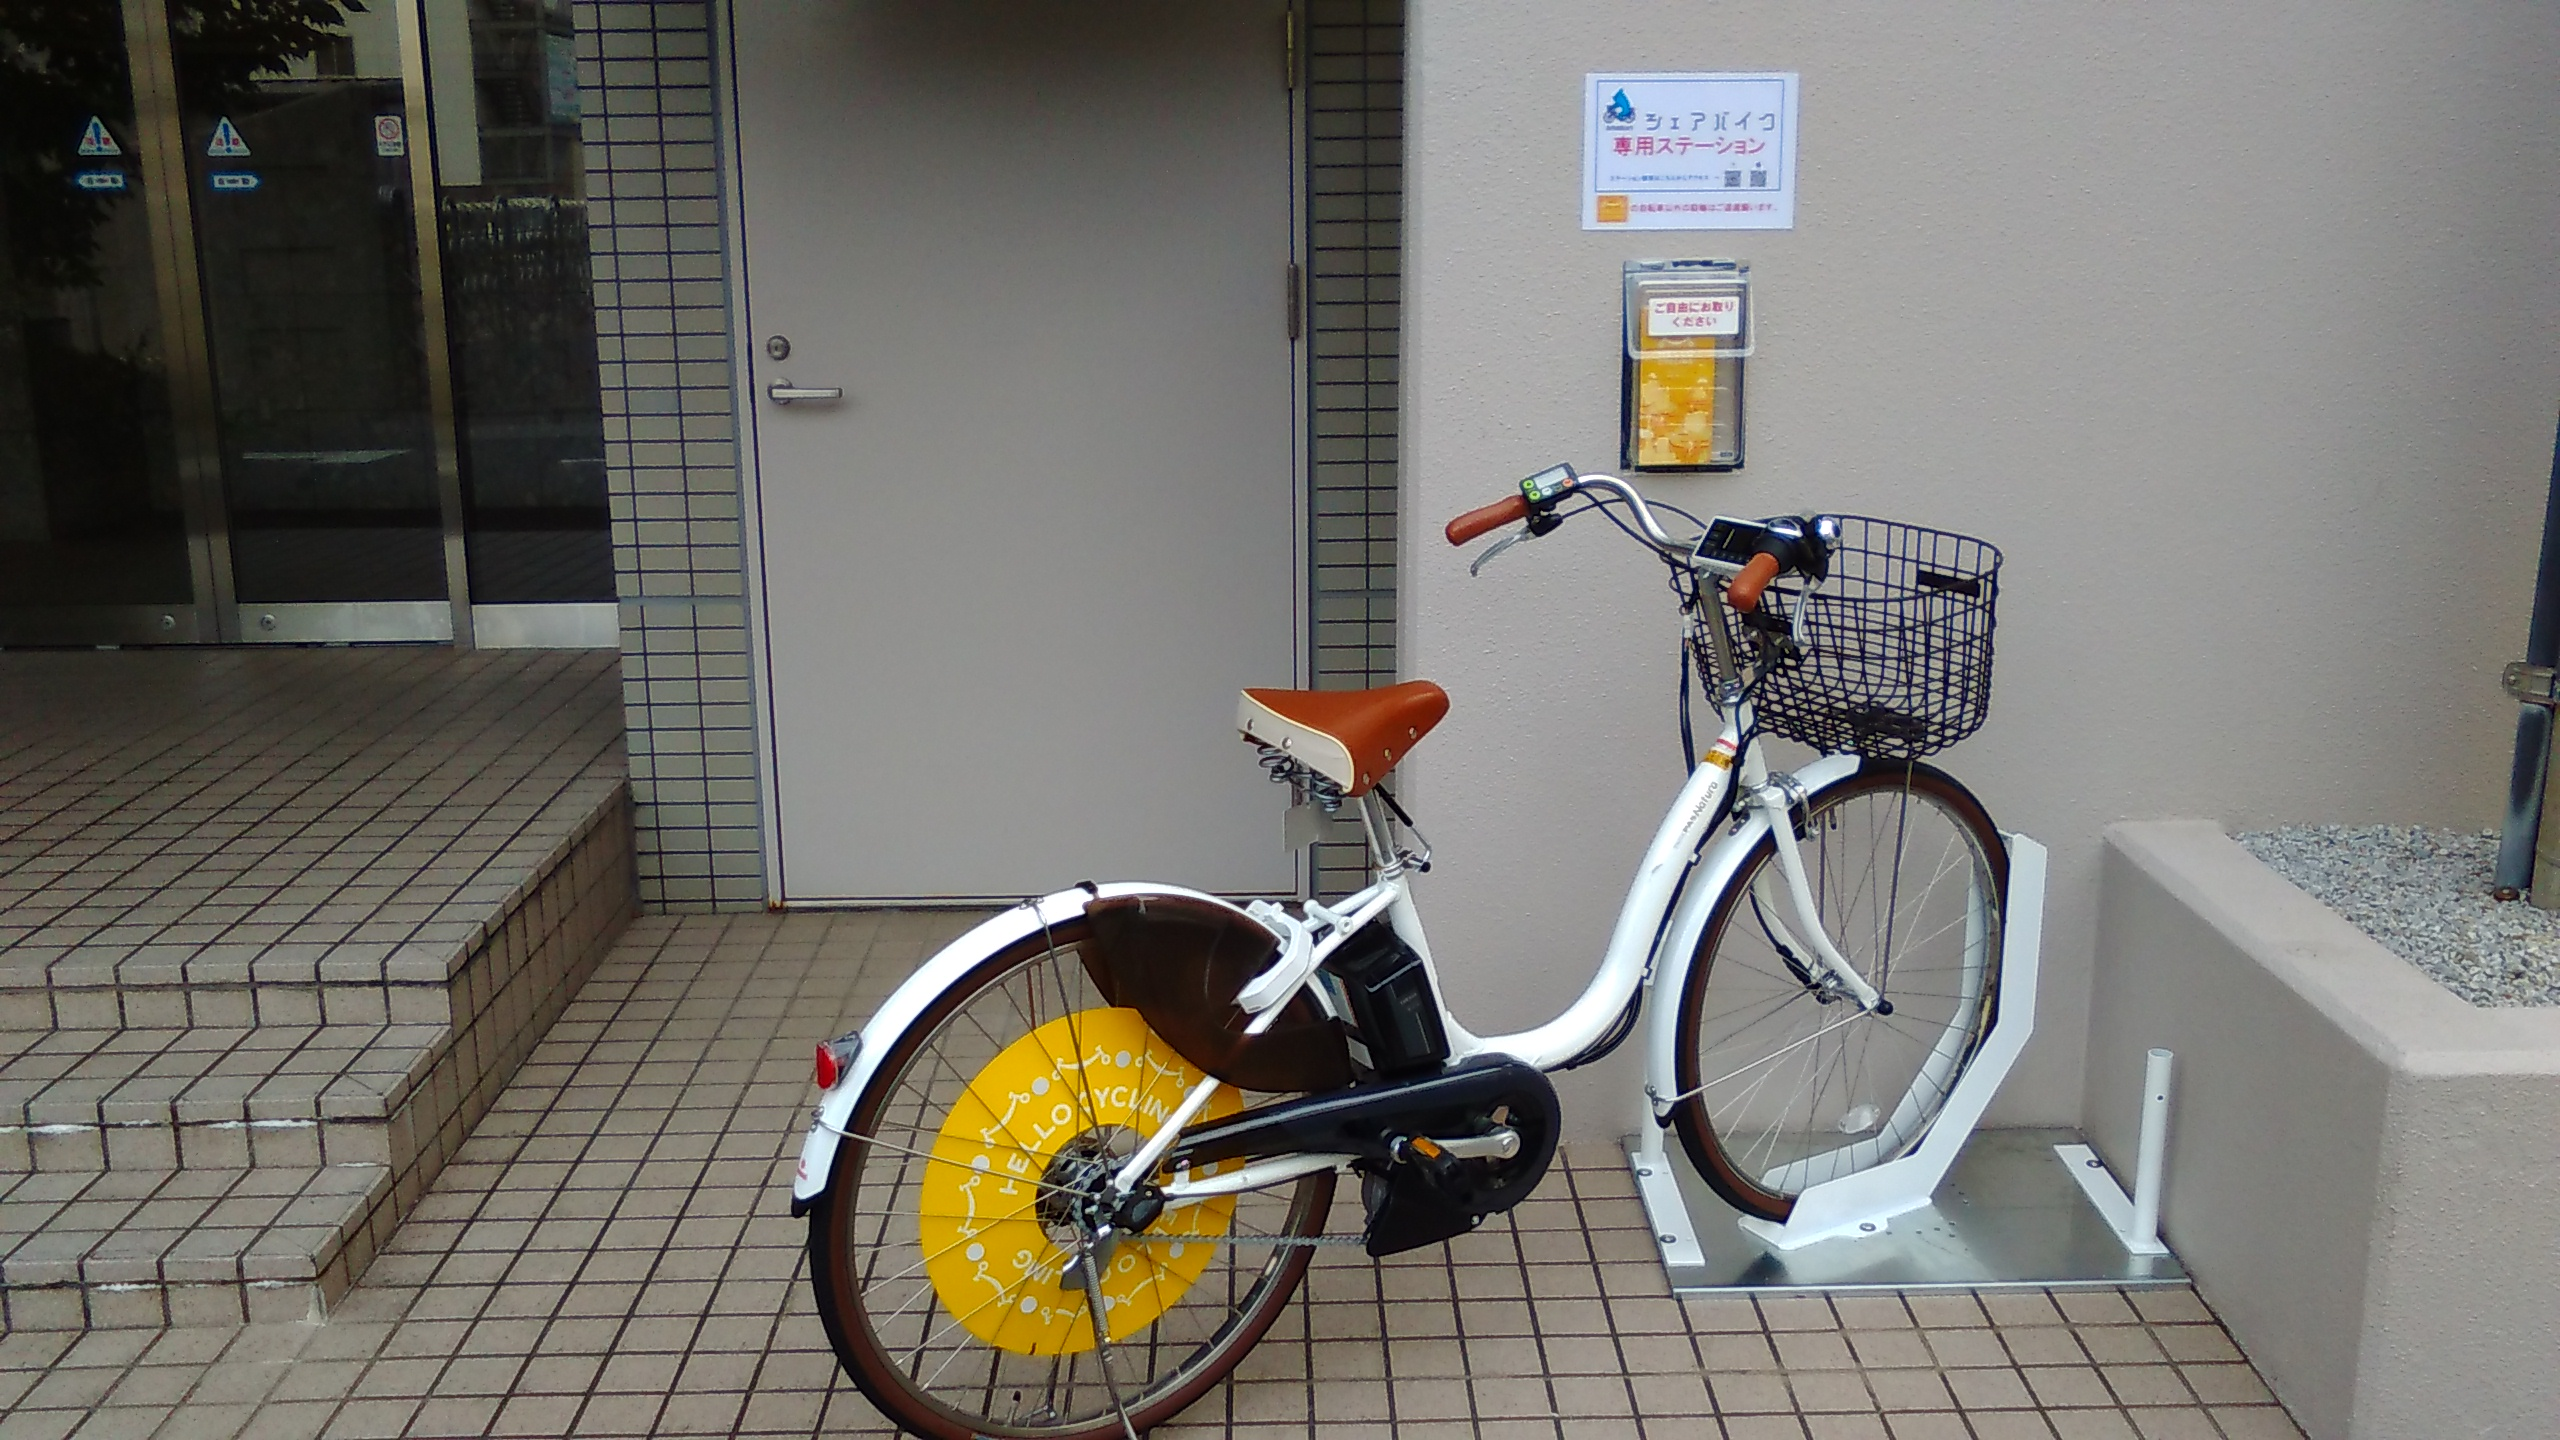 アヴァンティ21 (HELLO CYCLING ポート) image